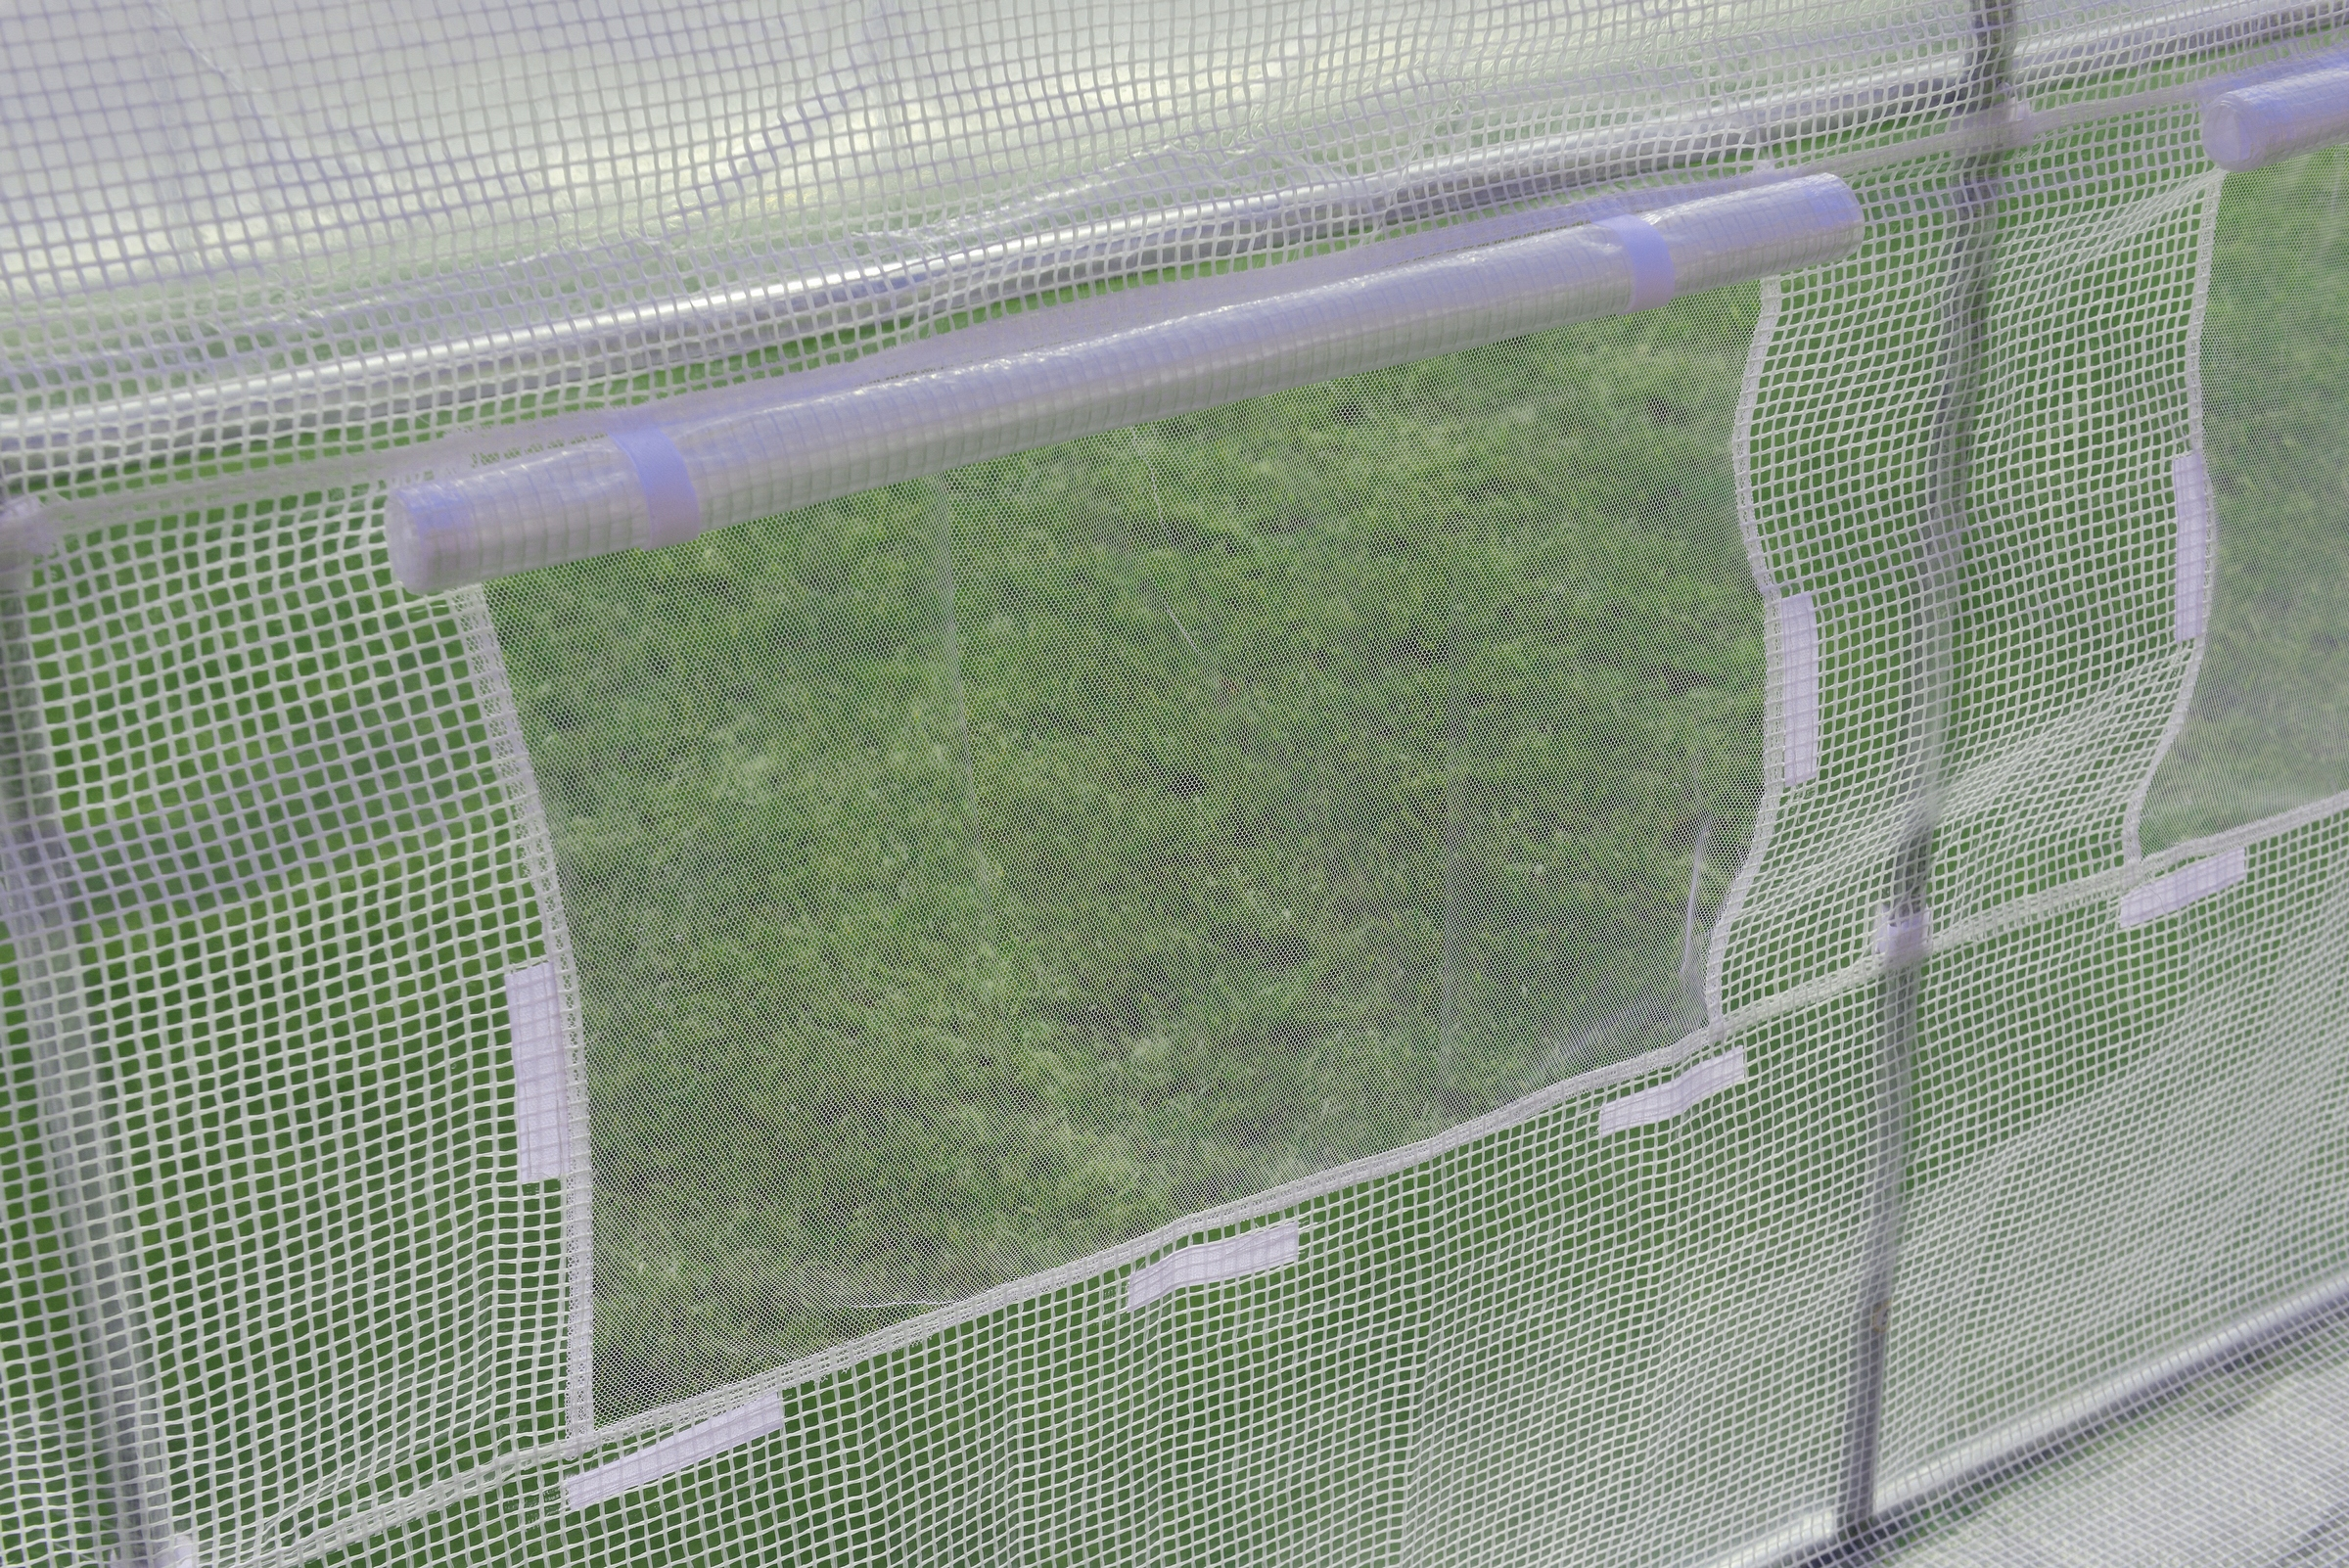 TUNELOVÁ FÓLIA 3x2m Záhradníctvo 6m2 TUNELOVÁ FUNFIT Hmotnosť produktu s jednotkovým balením 2 kg